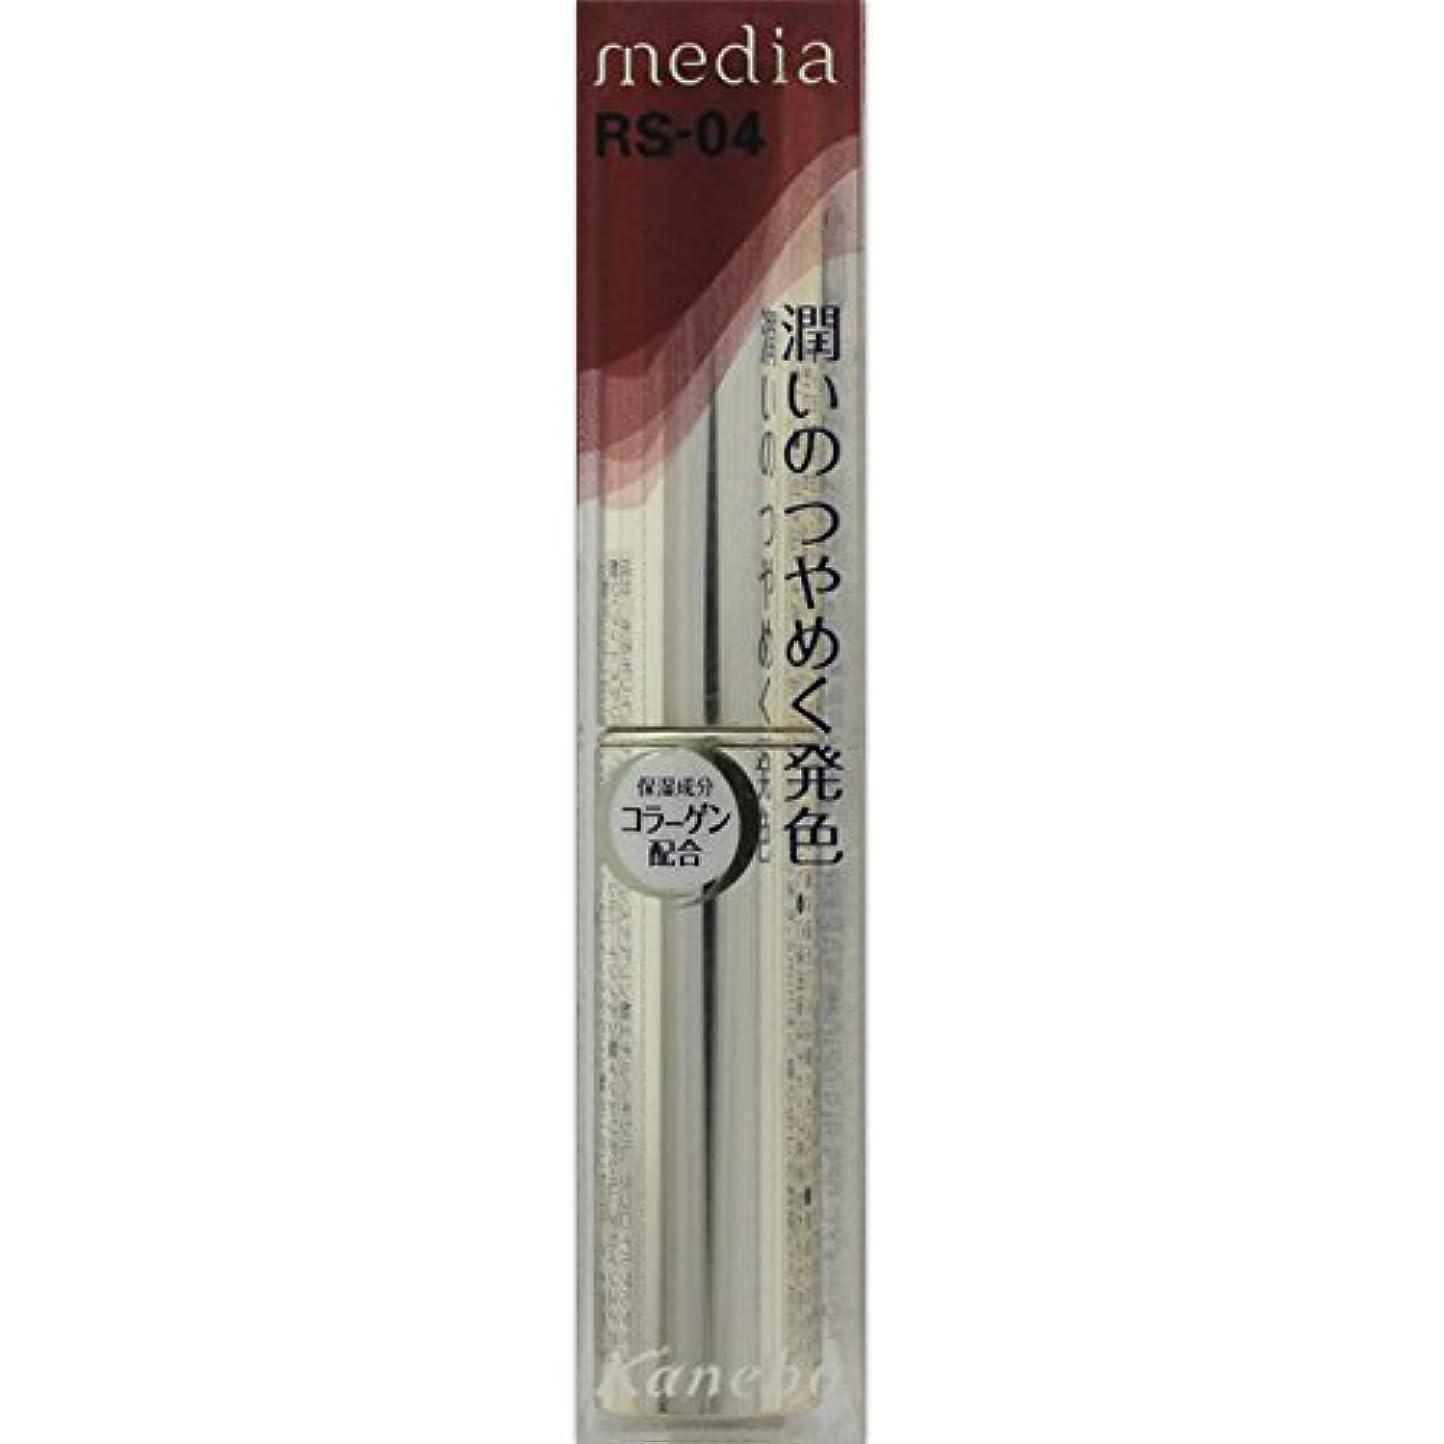 なめるウェイトレスユダヤ人カネボウ メディア(media)シャイニーエッセンスリップA カラー:RS-04